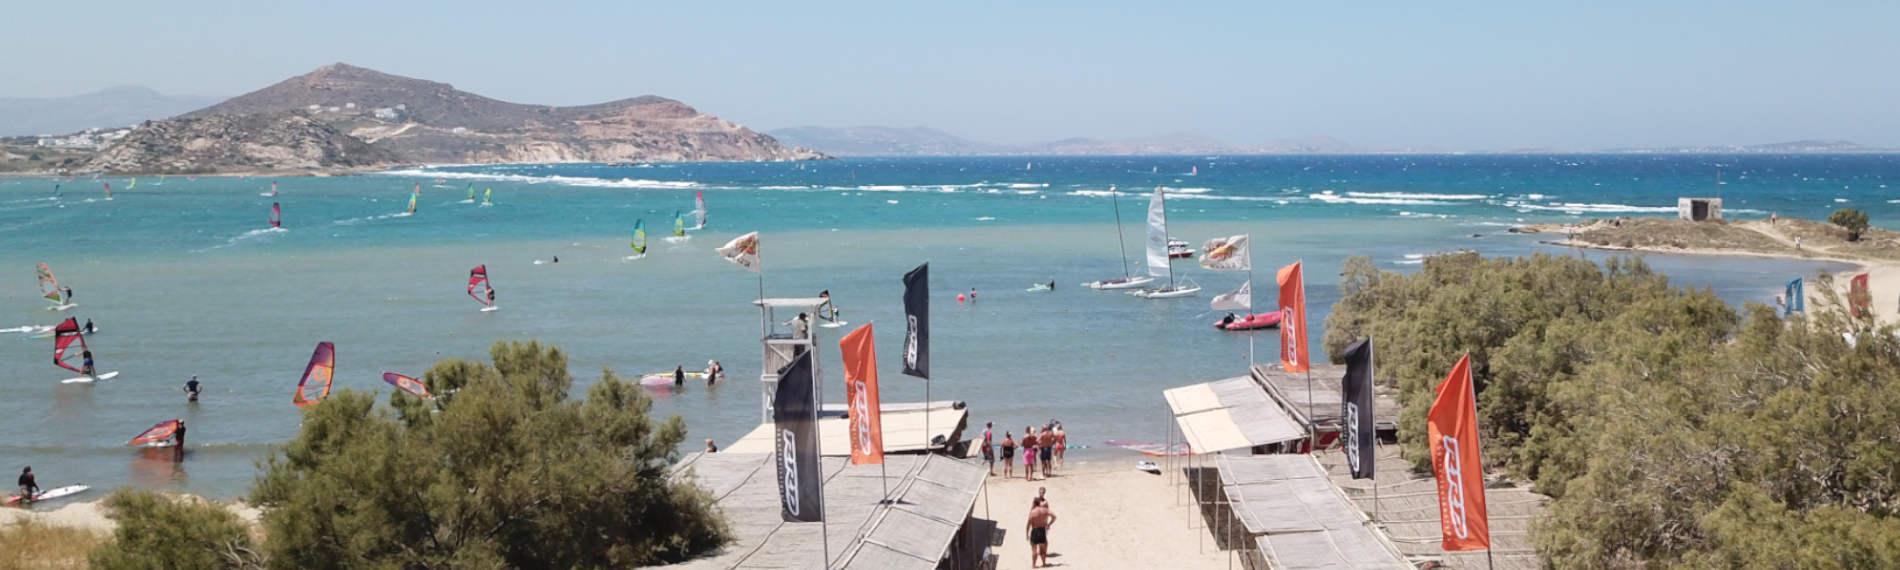 Header Naxos Surf Lagune.